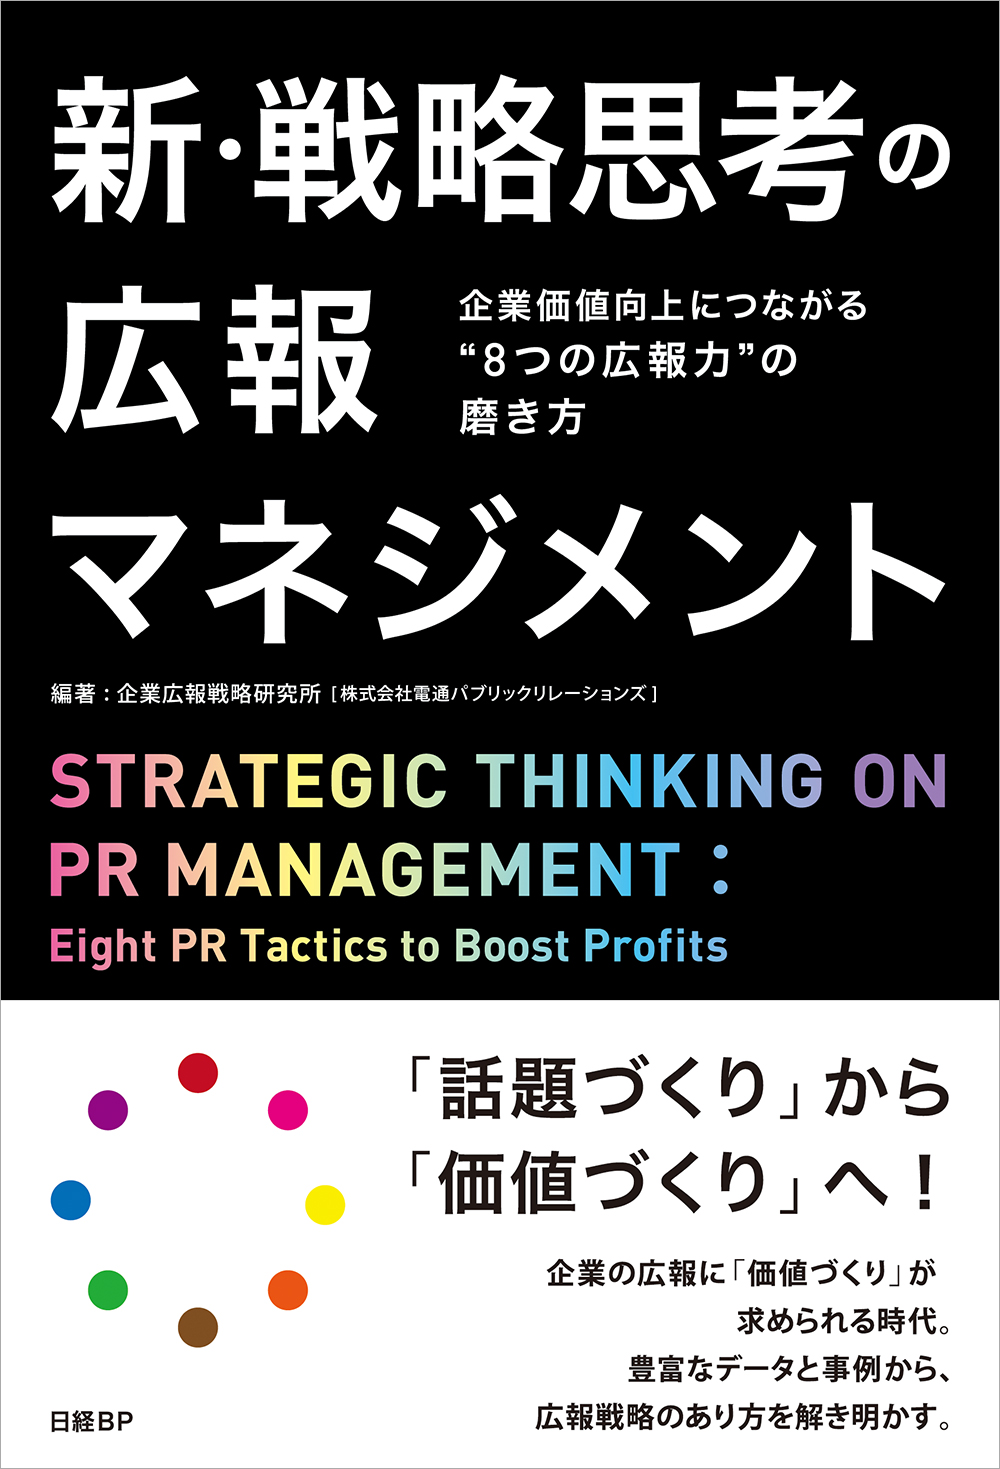 """「新・戦略思考の広報マネジメント 企業価値向上につながる""""8つの広報力""""の磨き方」"""